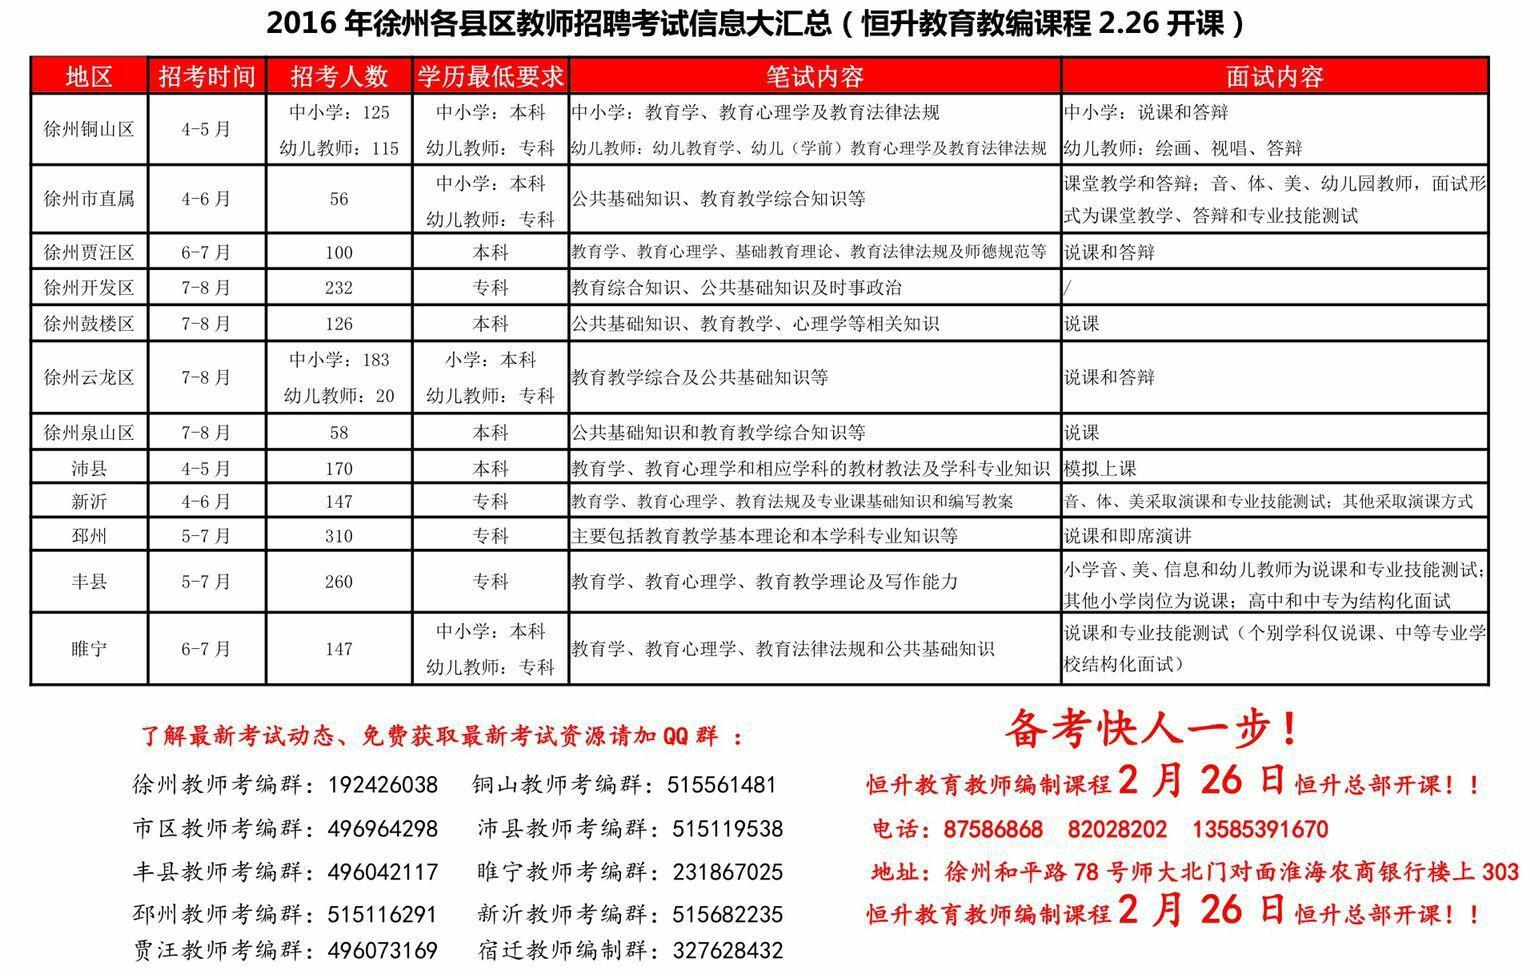 徐州市区的中小学v法制法制的教师?-校园情况小学生教师图片